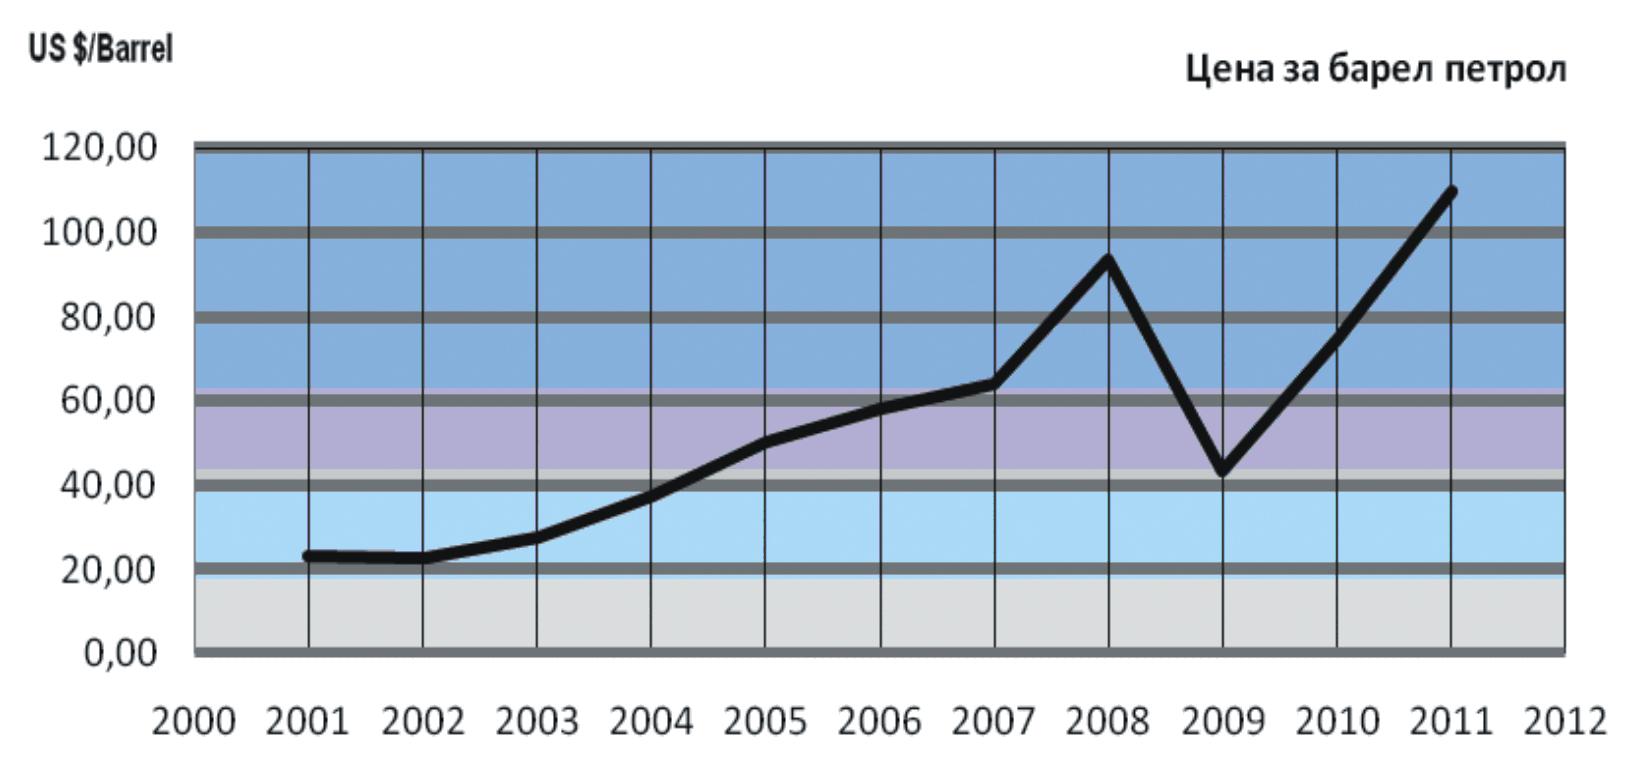 барел петрол цена